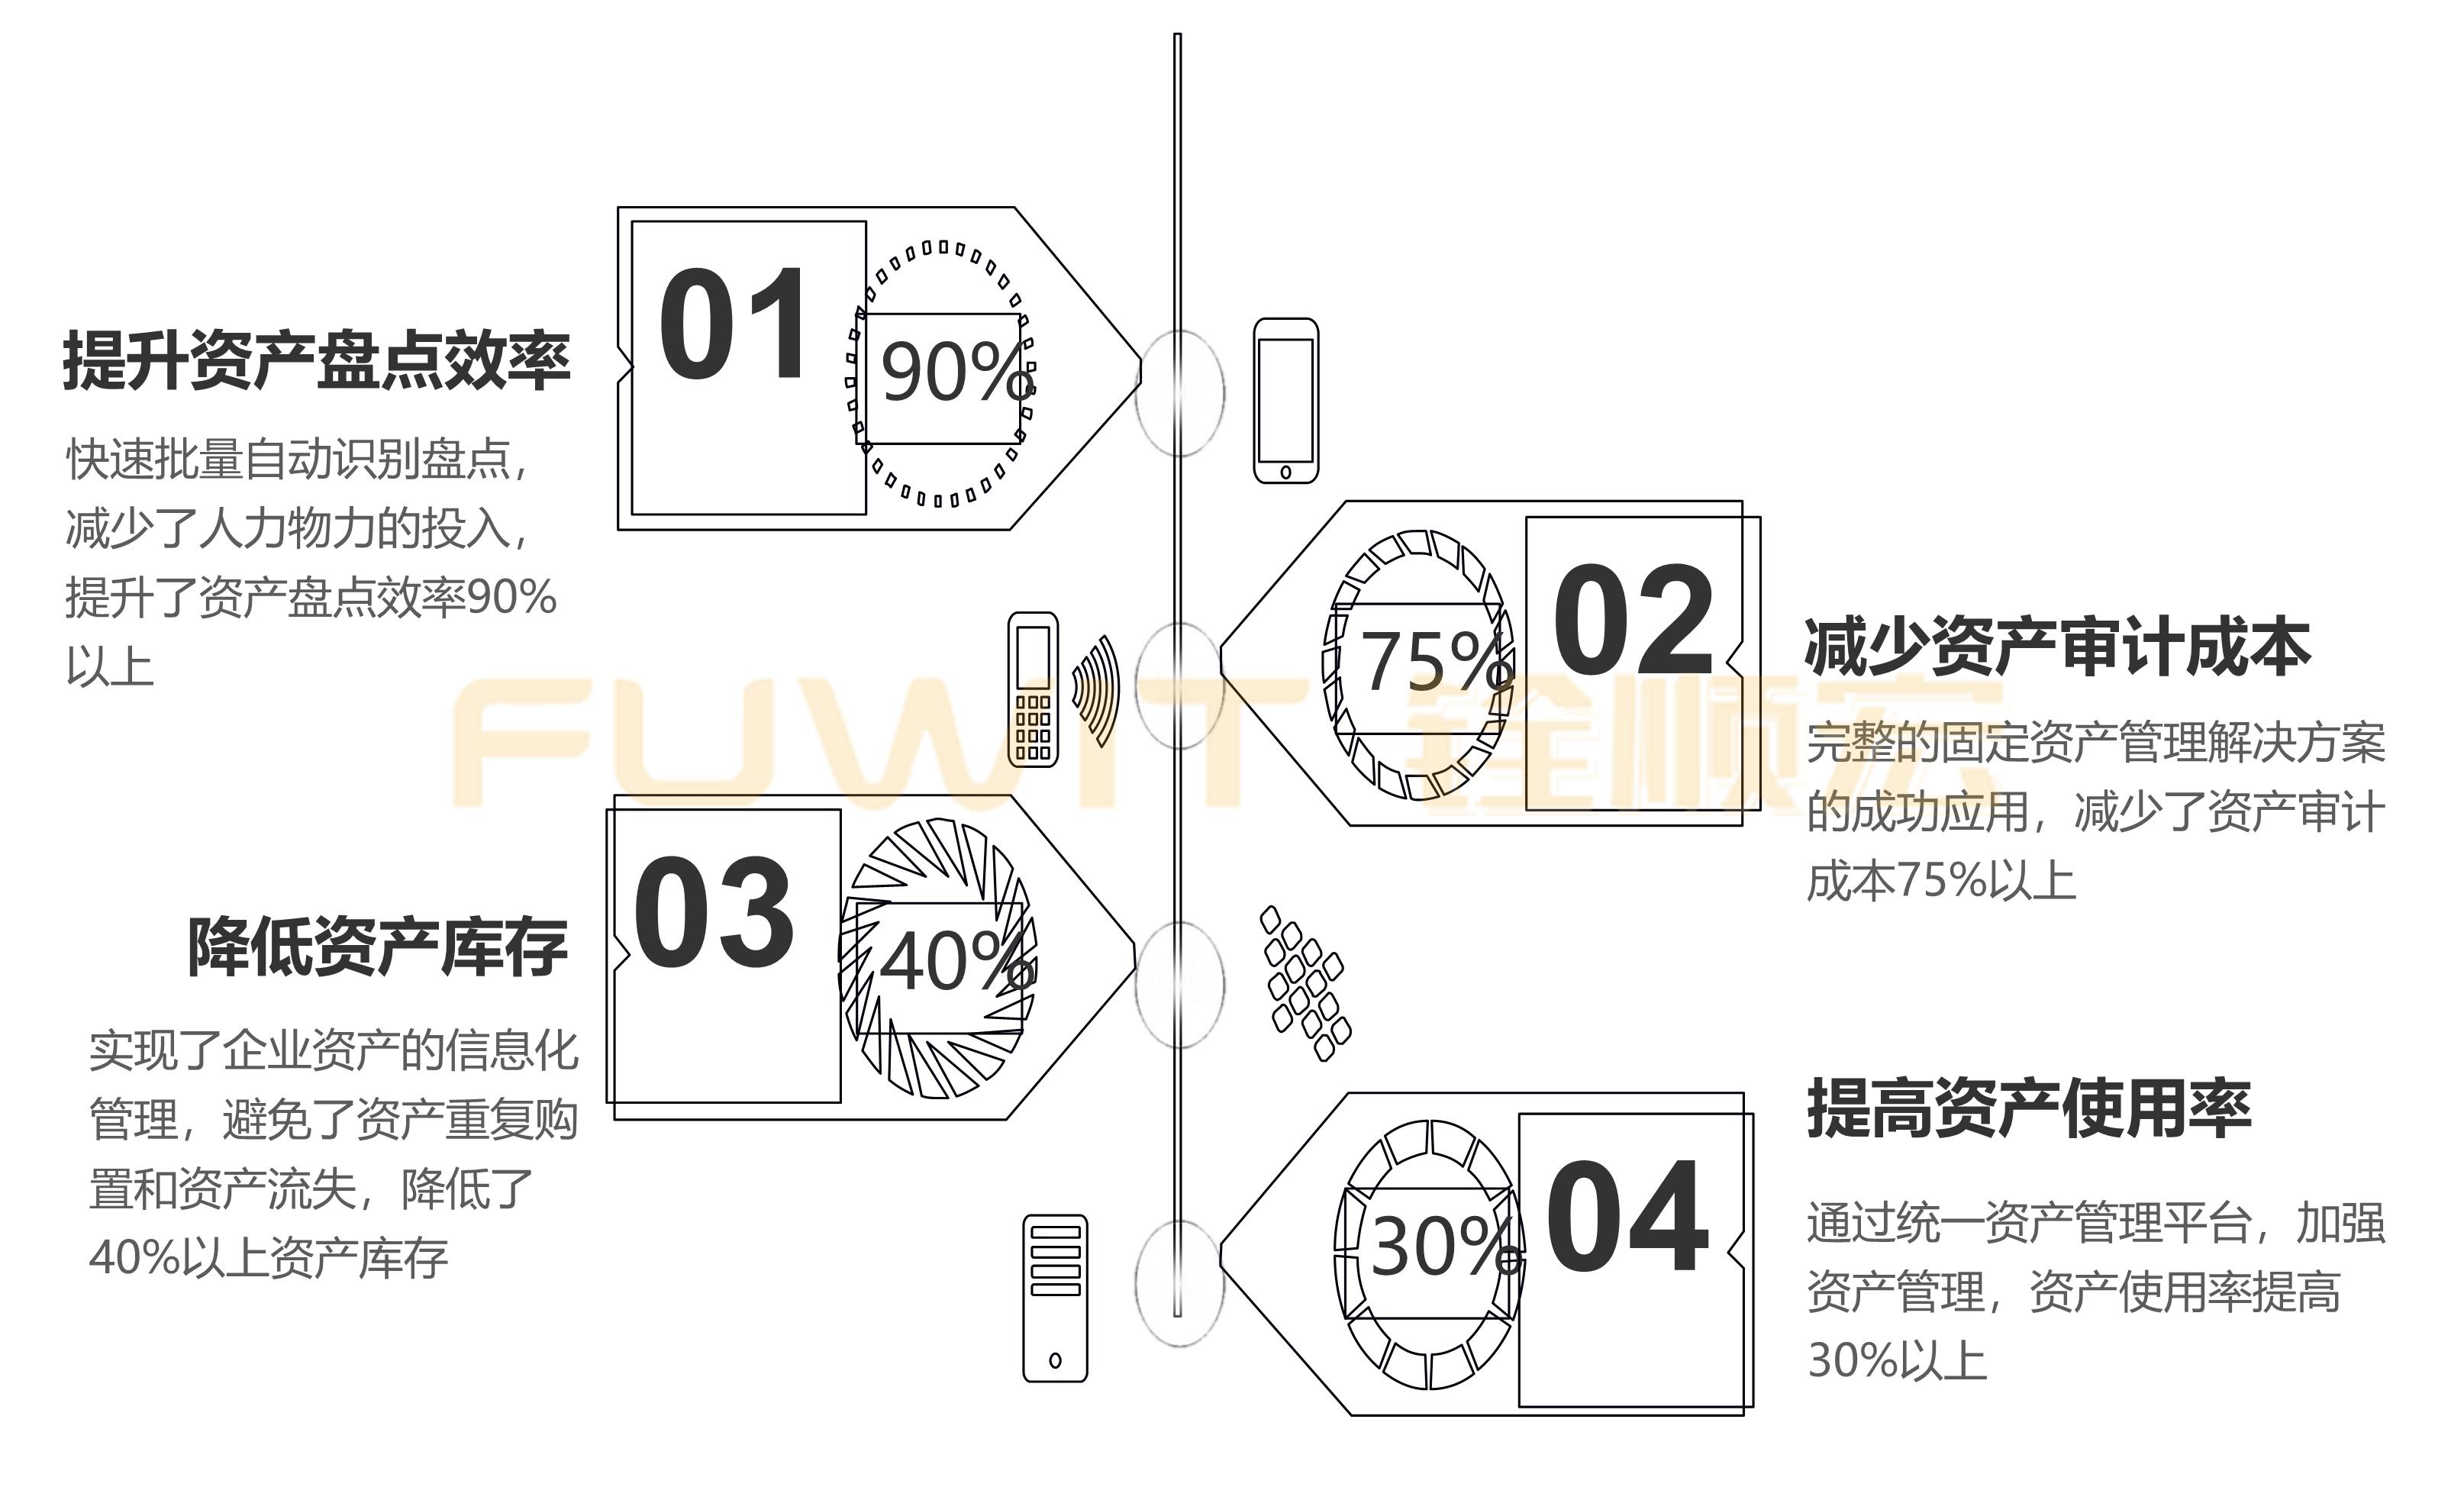 RFID固定资产管理应用